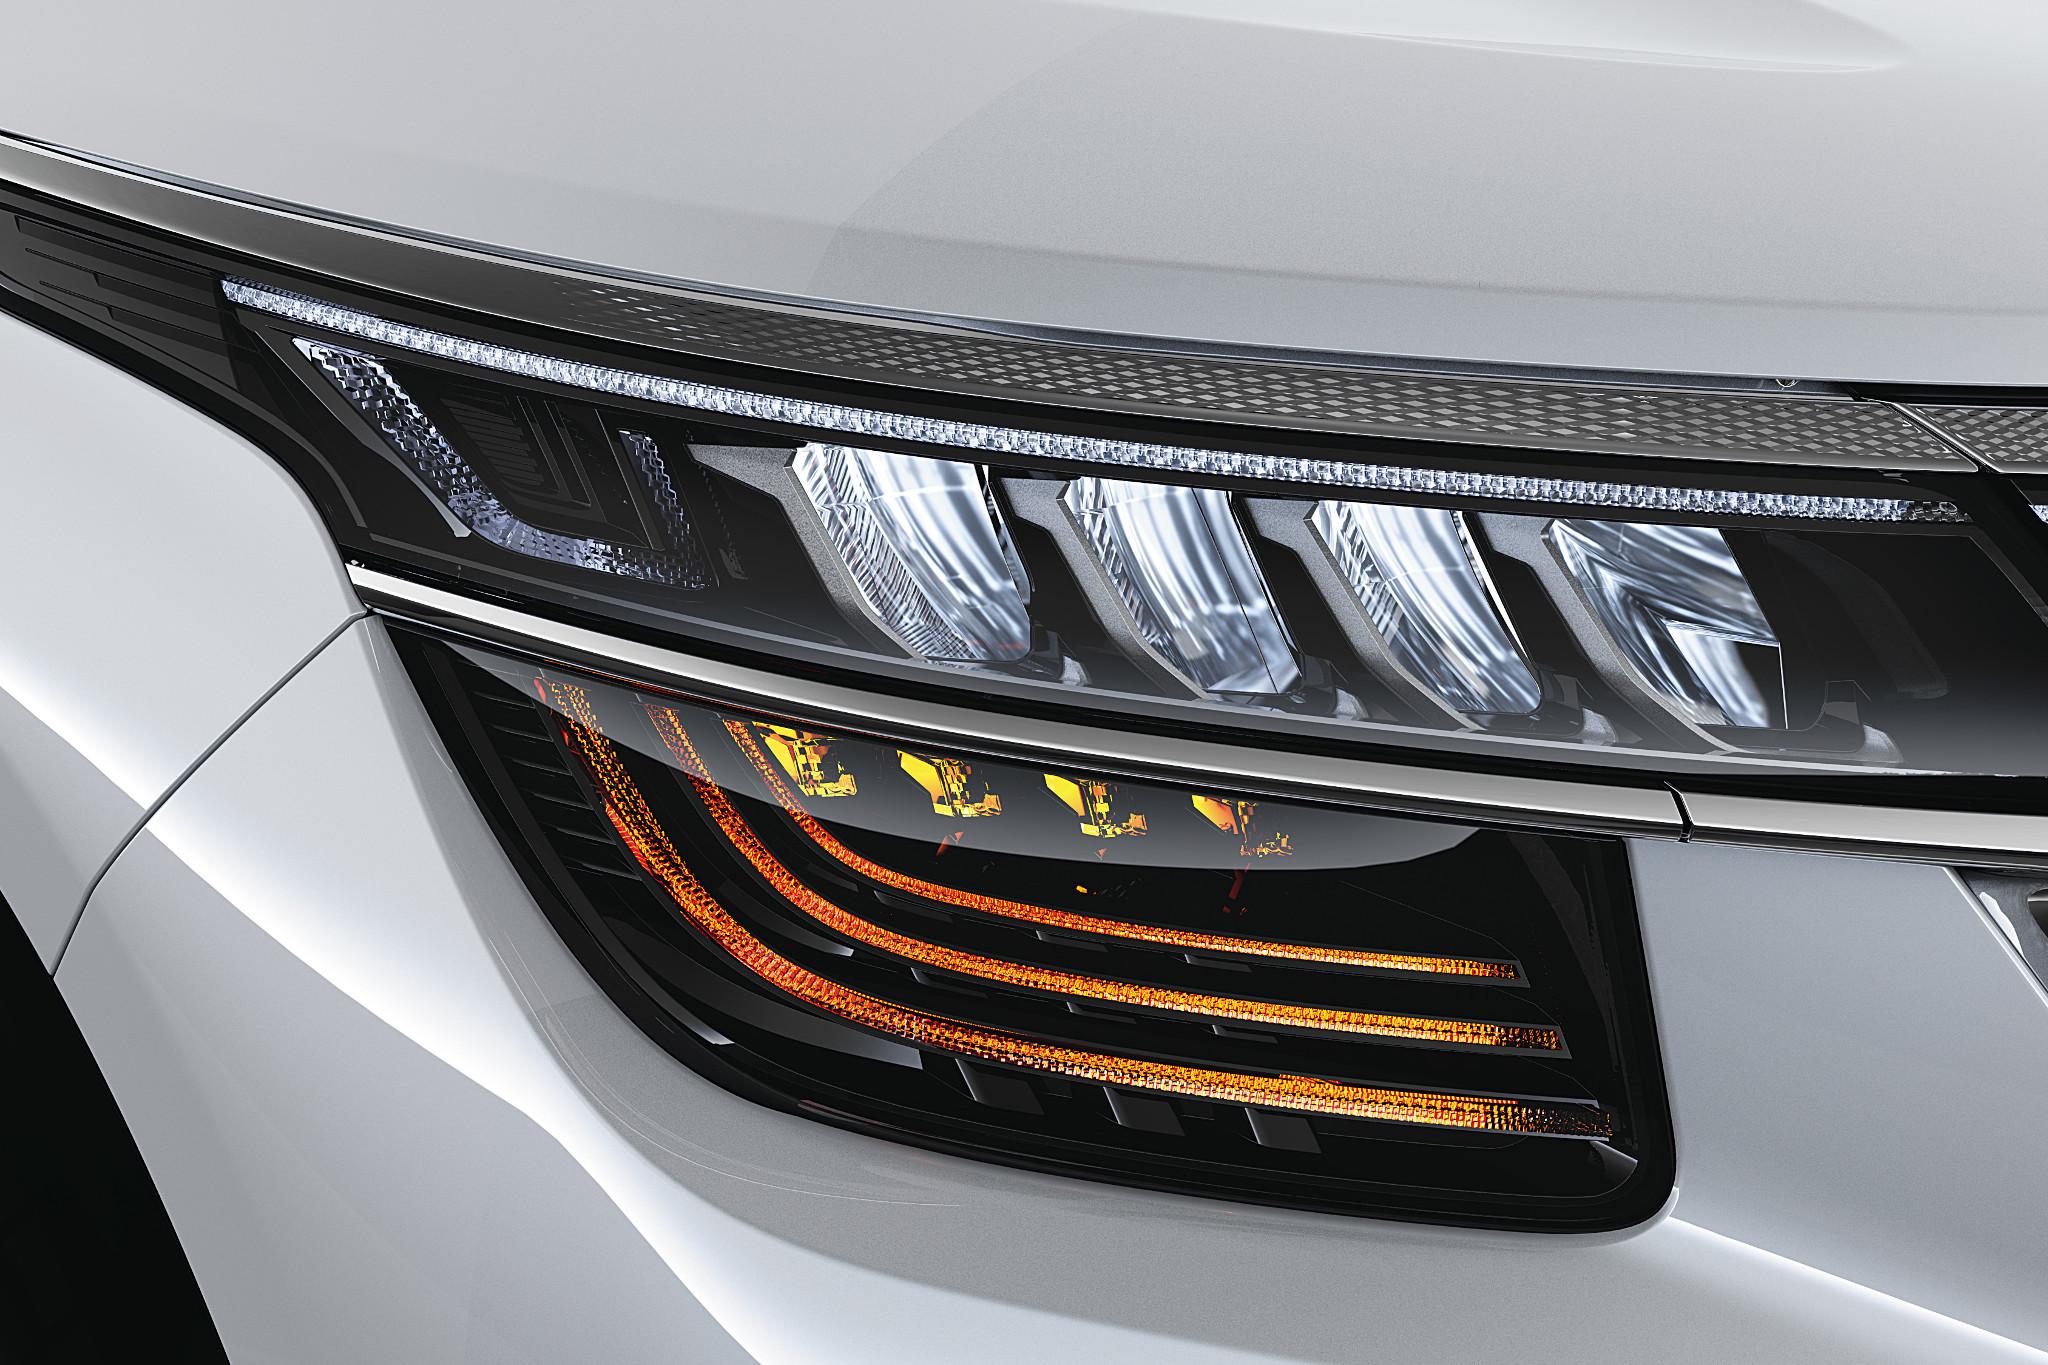 kia-seltos--08-exterior--headlights--white.jpg